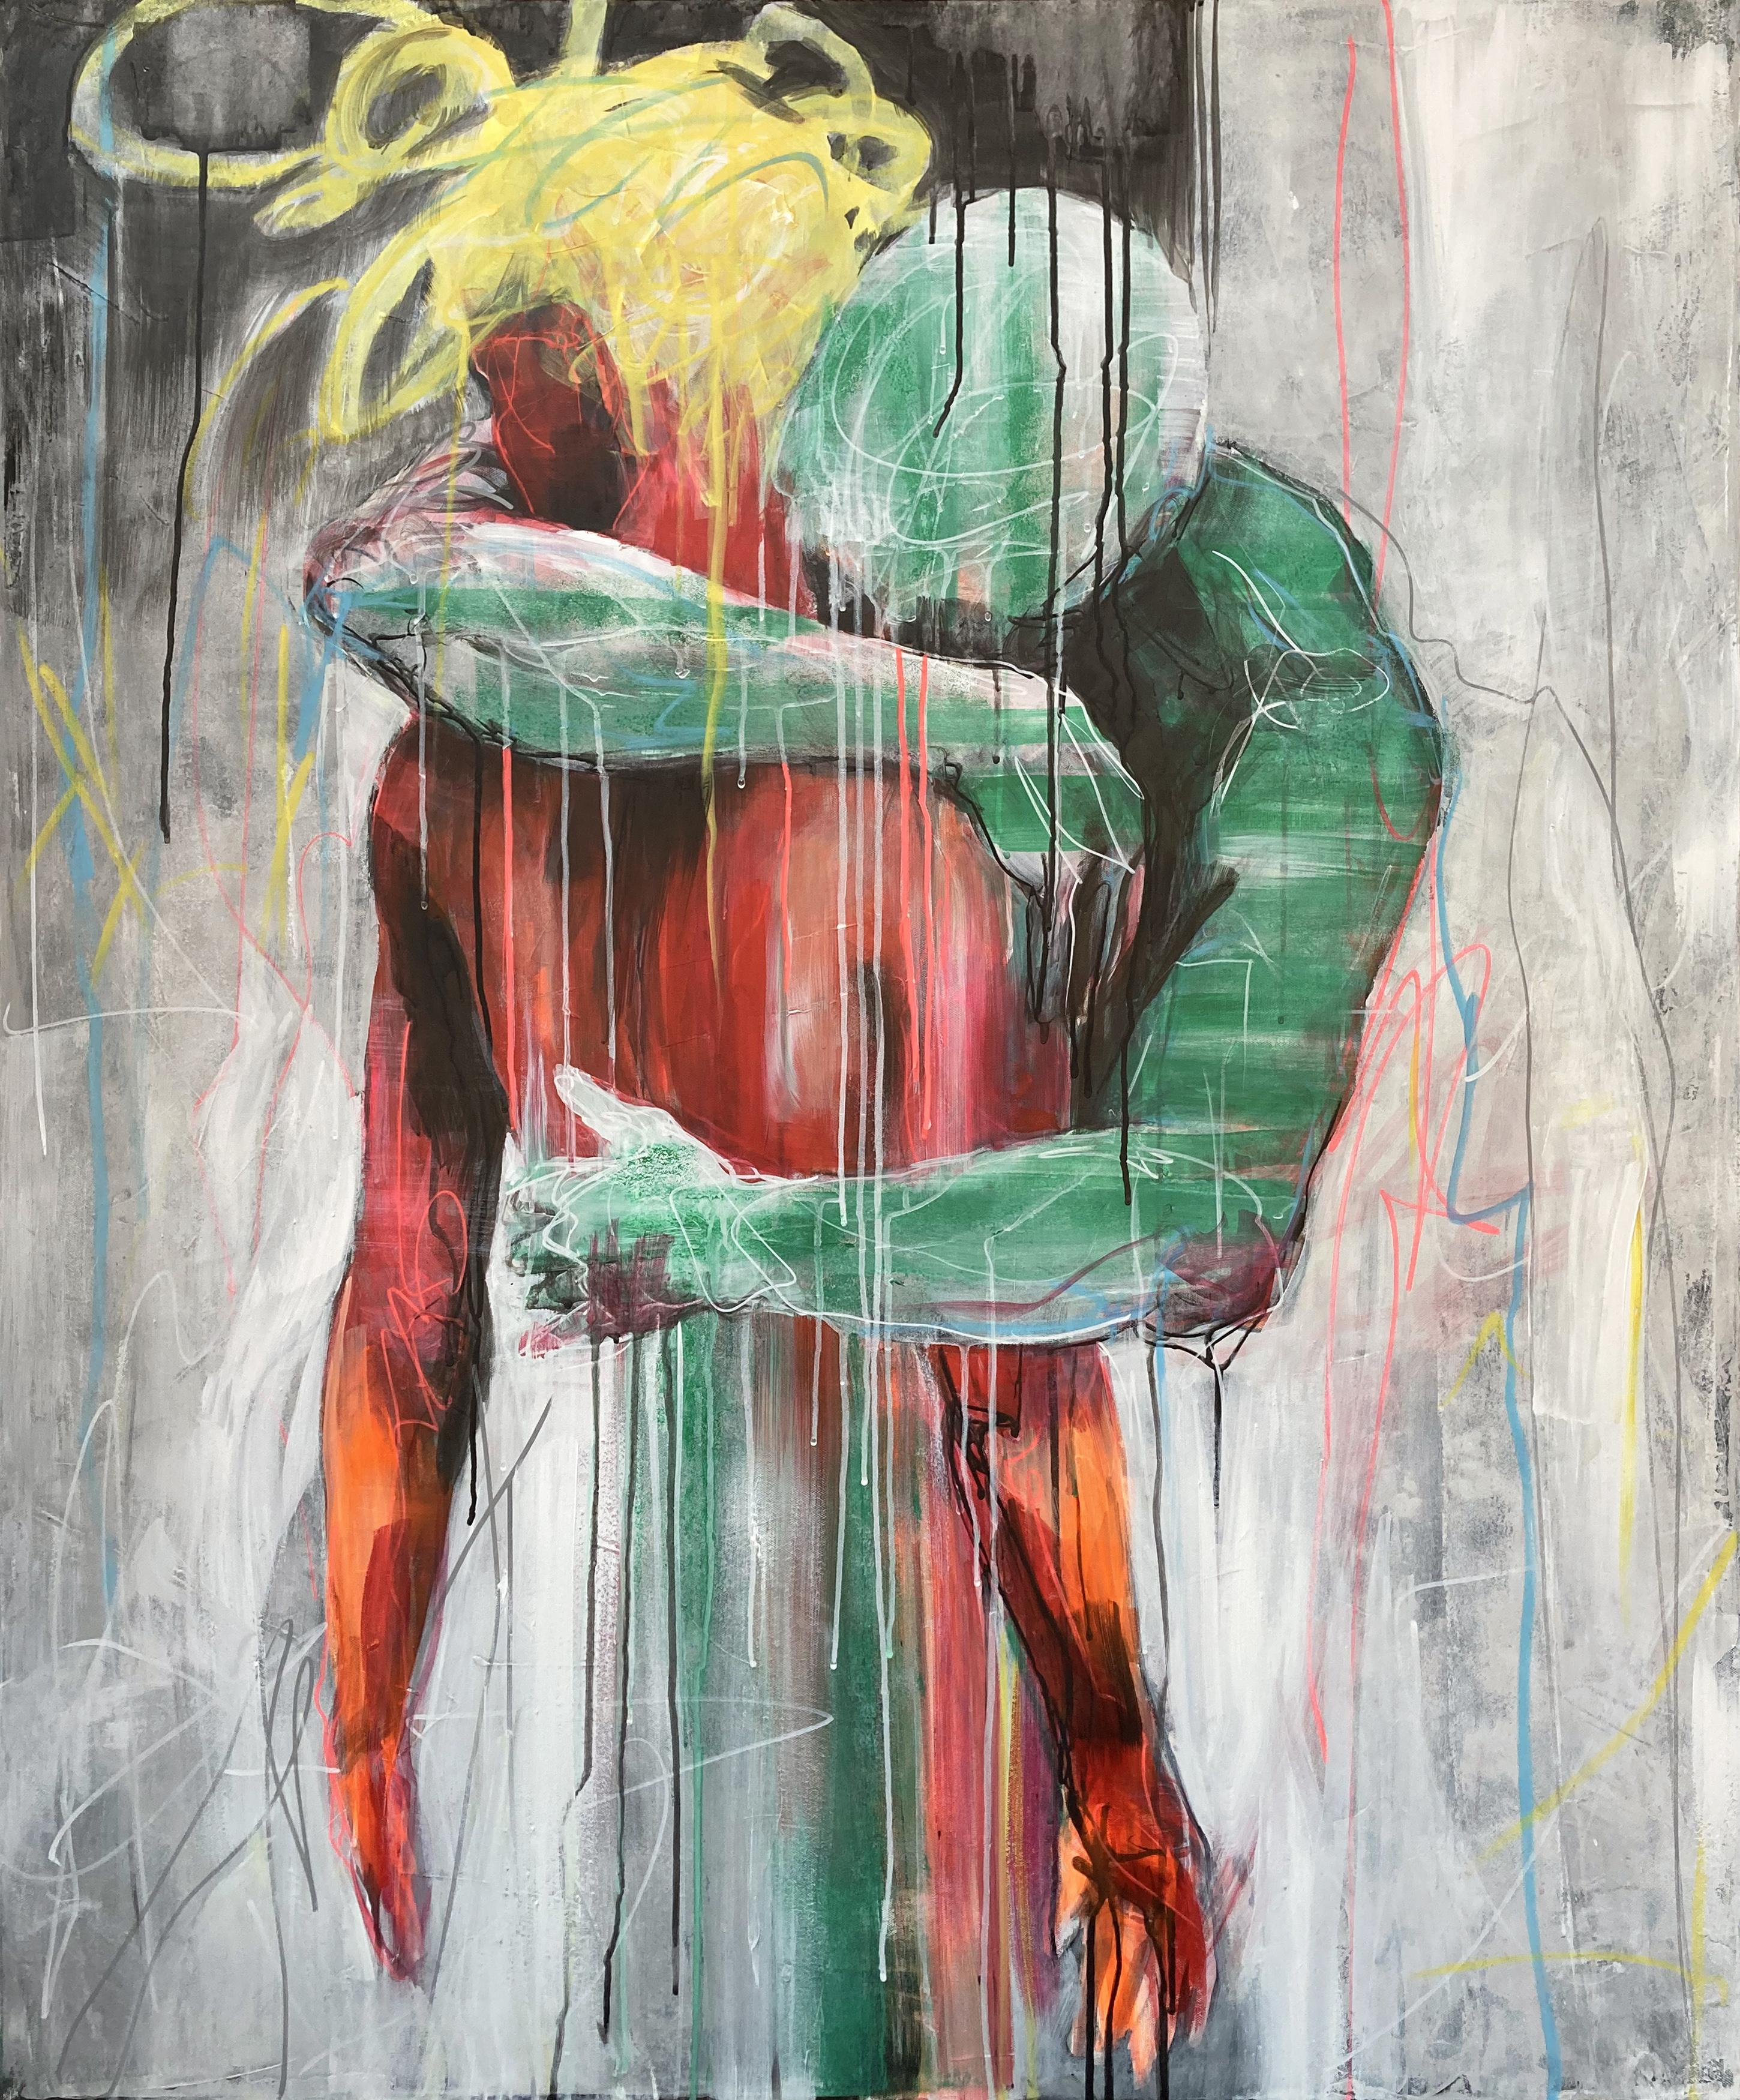 Hug_byKickiEdgren